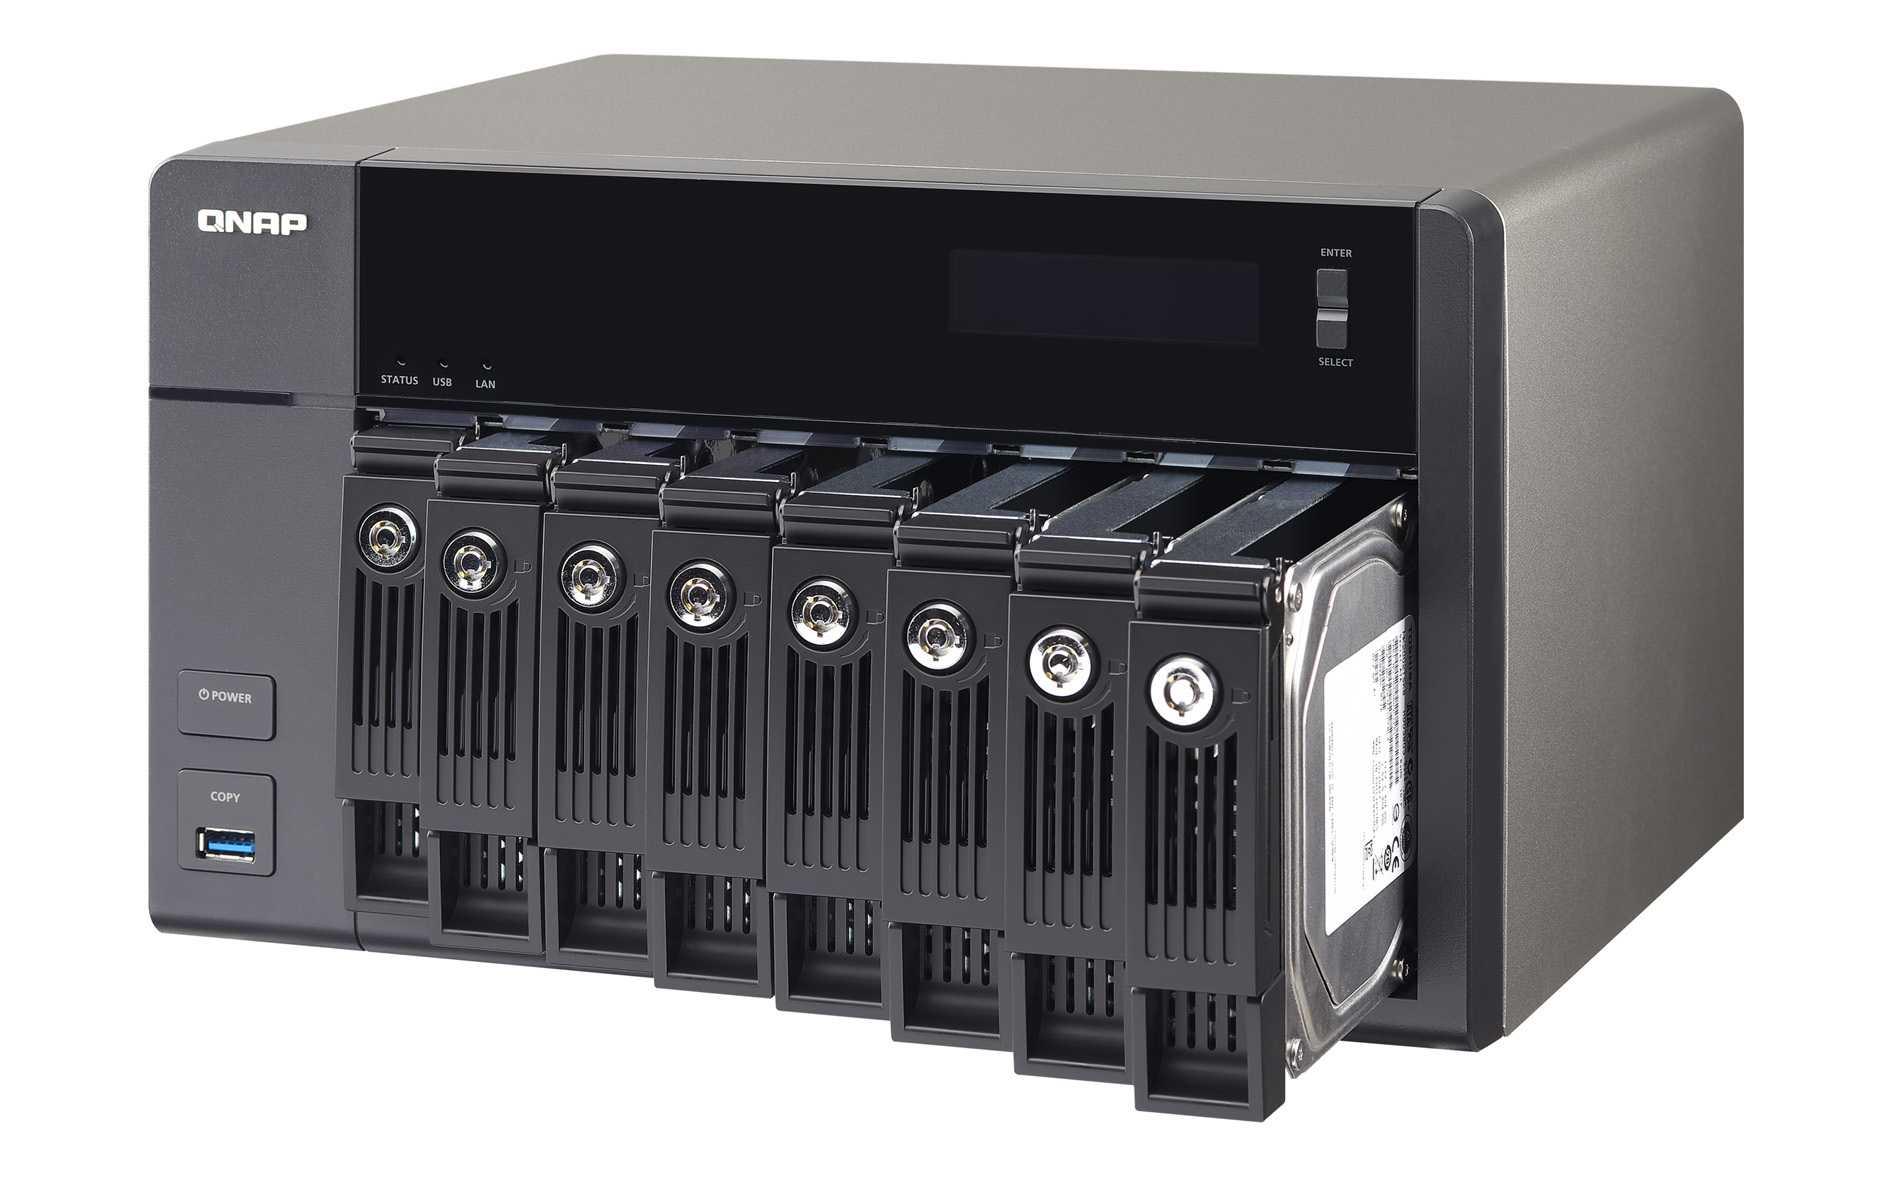 Zwei Nas Serien Von Qnap Mit Virtualisierung Heise Online Tvs 471 I3 4g Bei Allen Neu Vorgestellten X86 Netzwerkspeichern Lassen Sich Festplatten Oder Ssds Im Betrieb Wechseln